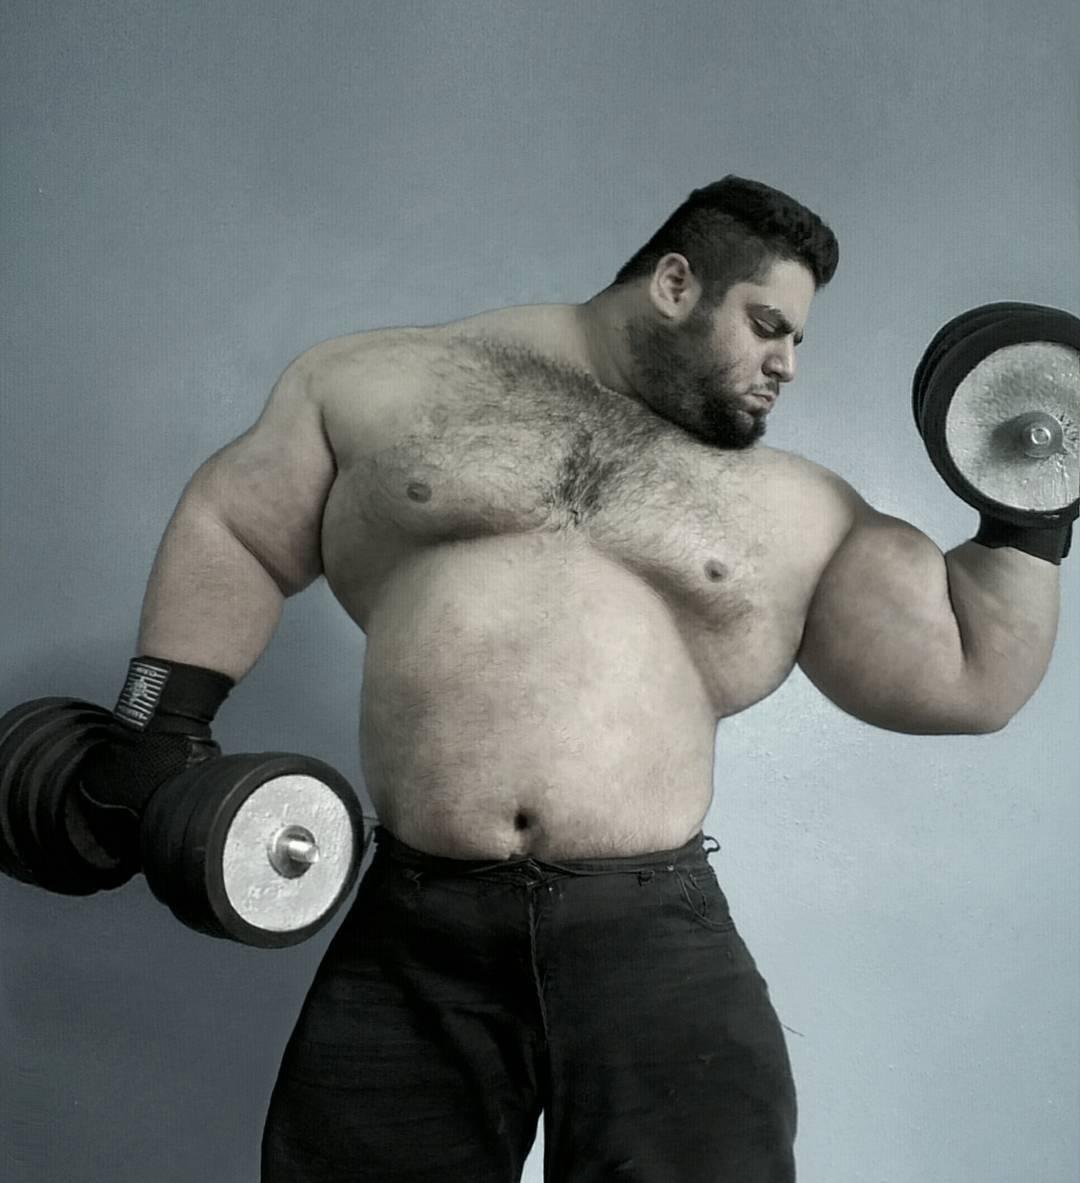 【超筋肉】イランのリアル超人ハルク、ワイ虚弱ニキ喧嘩したら一秒で殺されそう・・・・・(画像)・9枚目